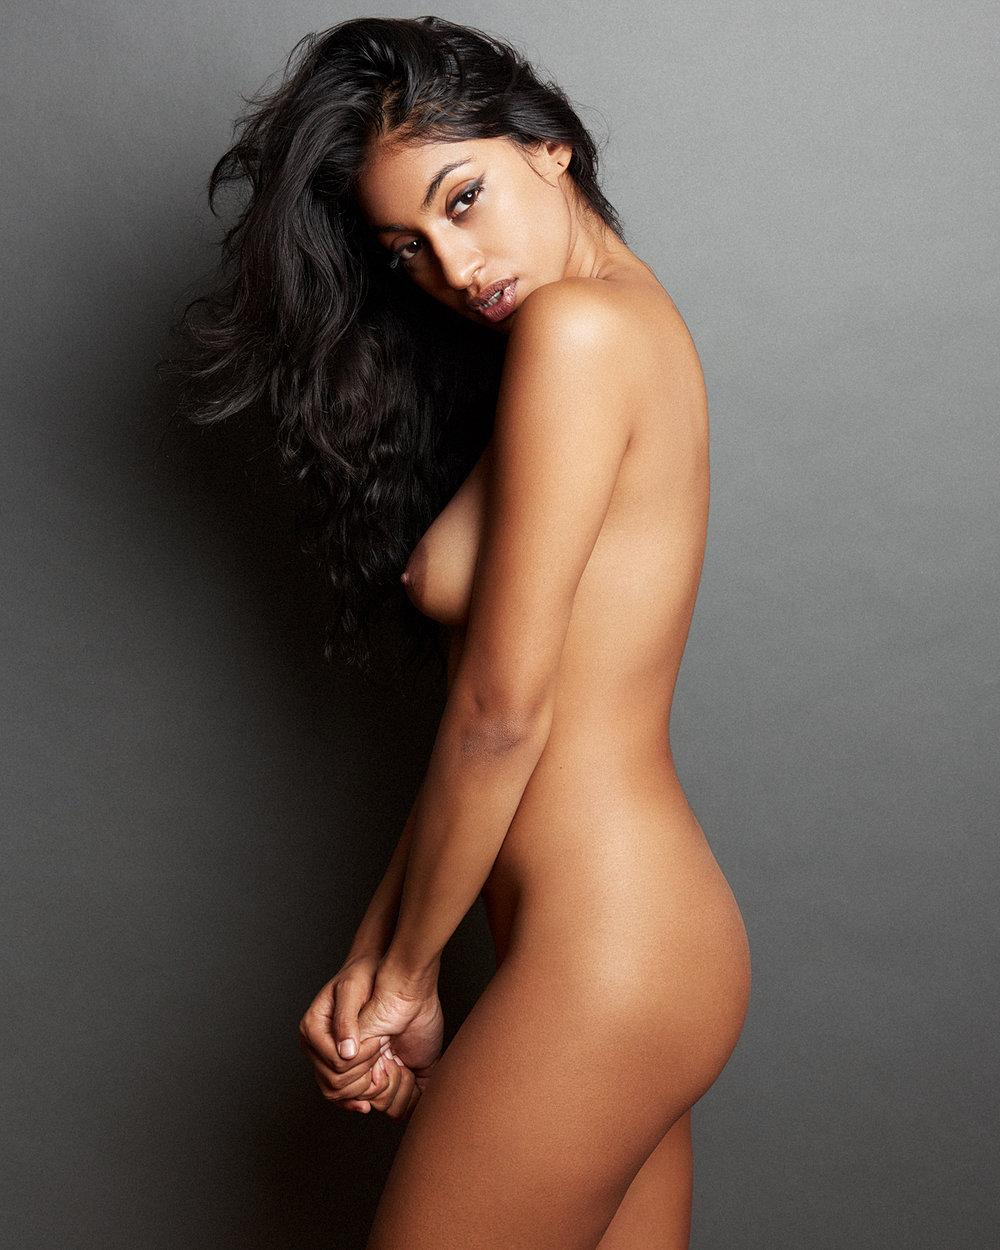 Jamiya-Wilson-Nudes-Gabriella01.jpg